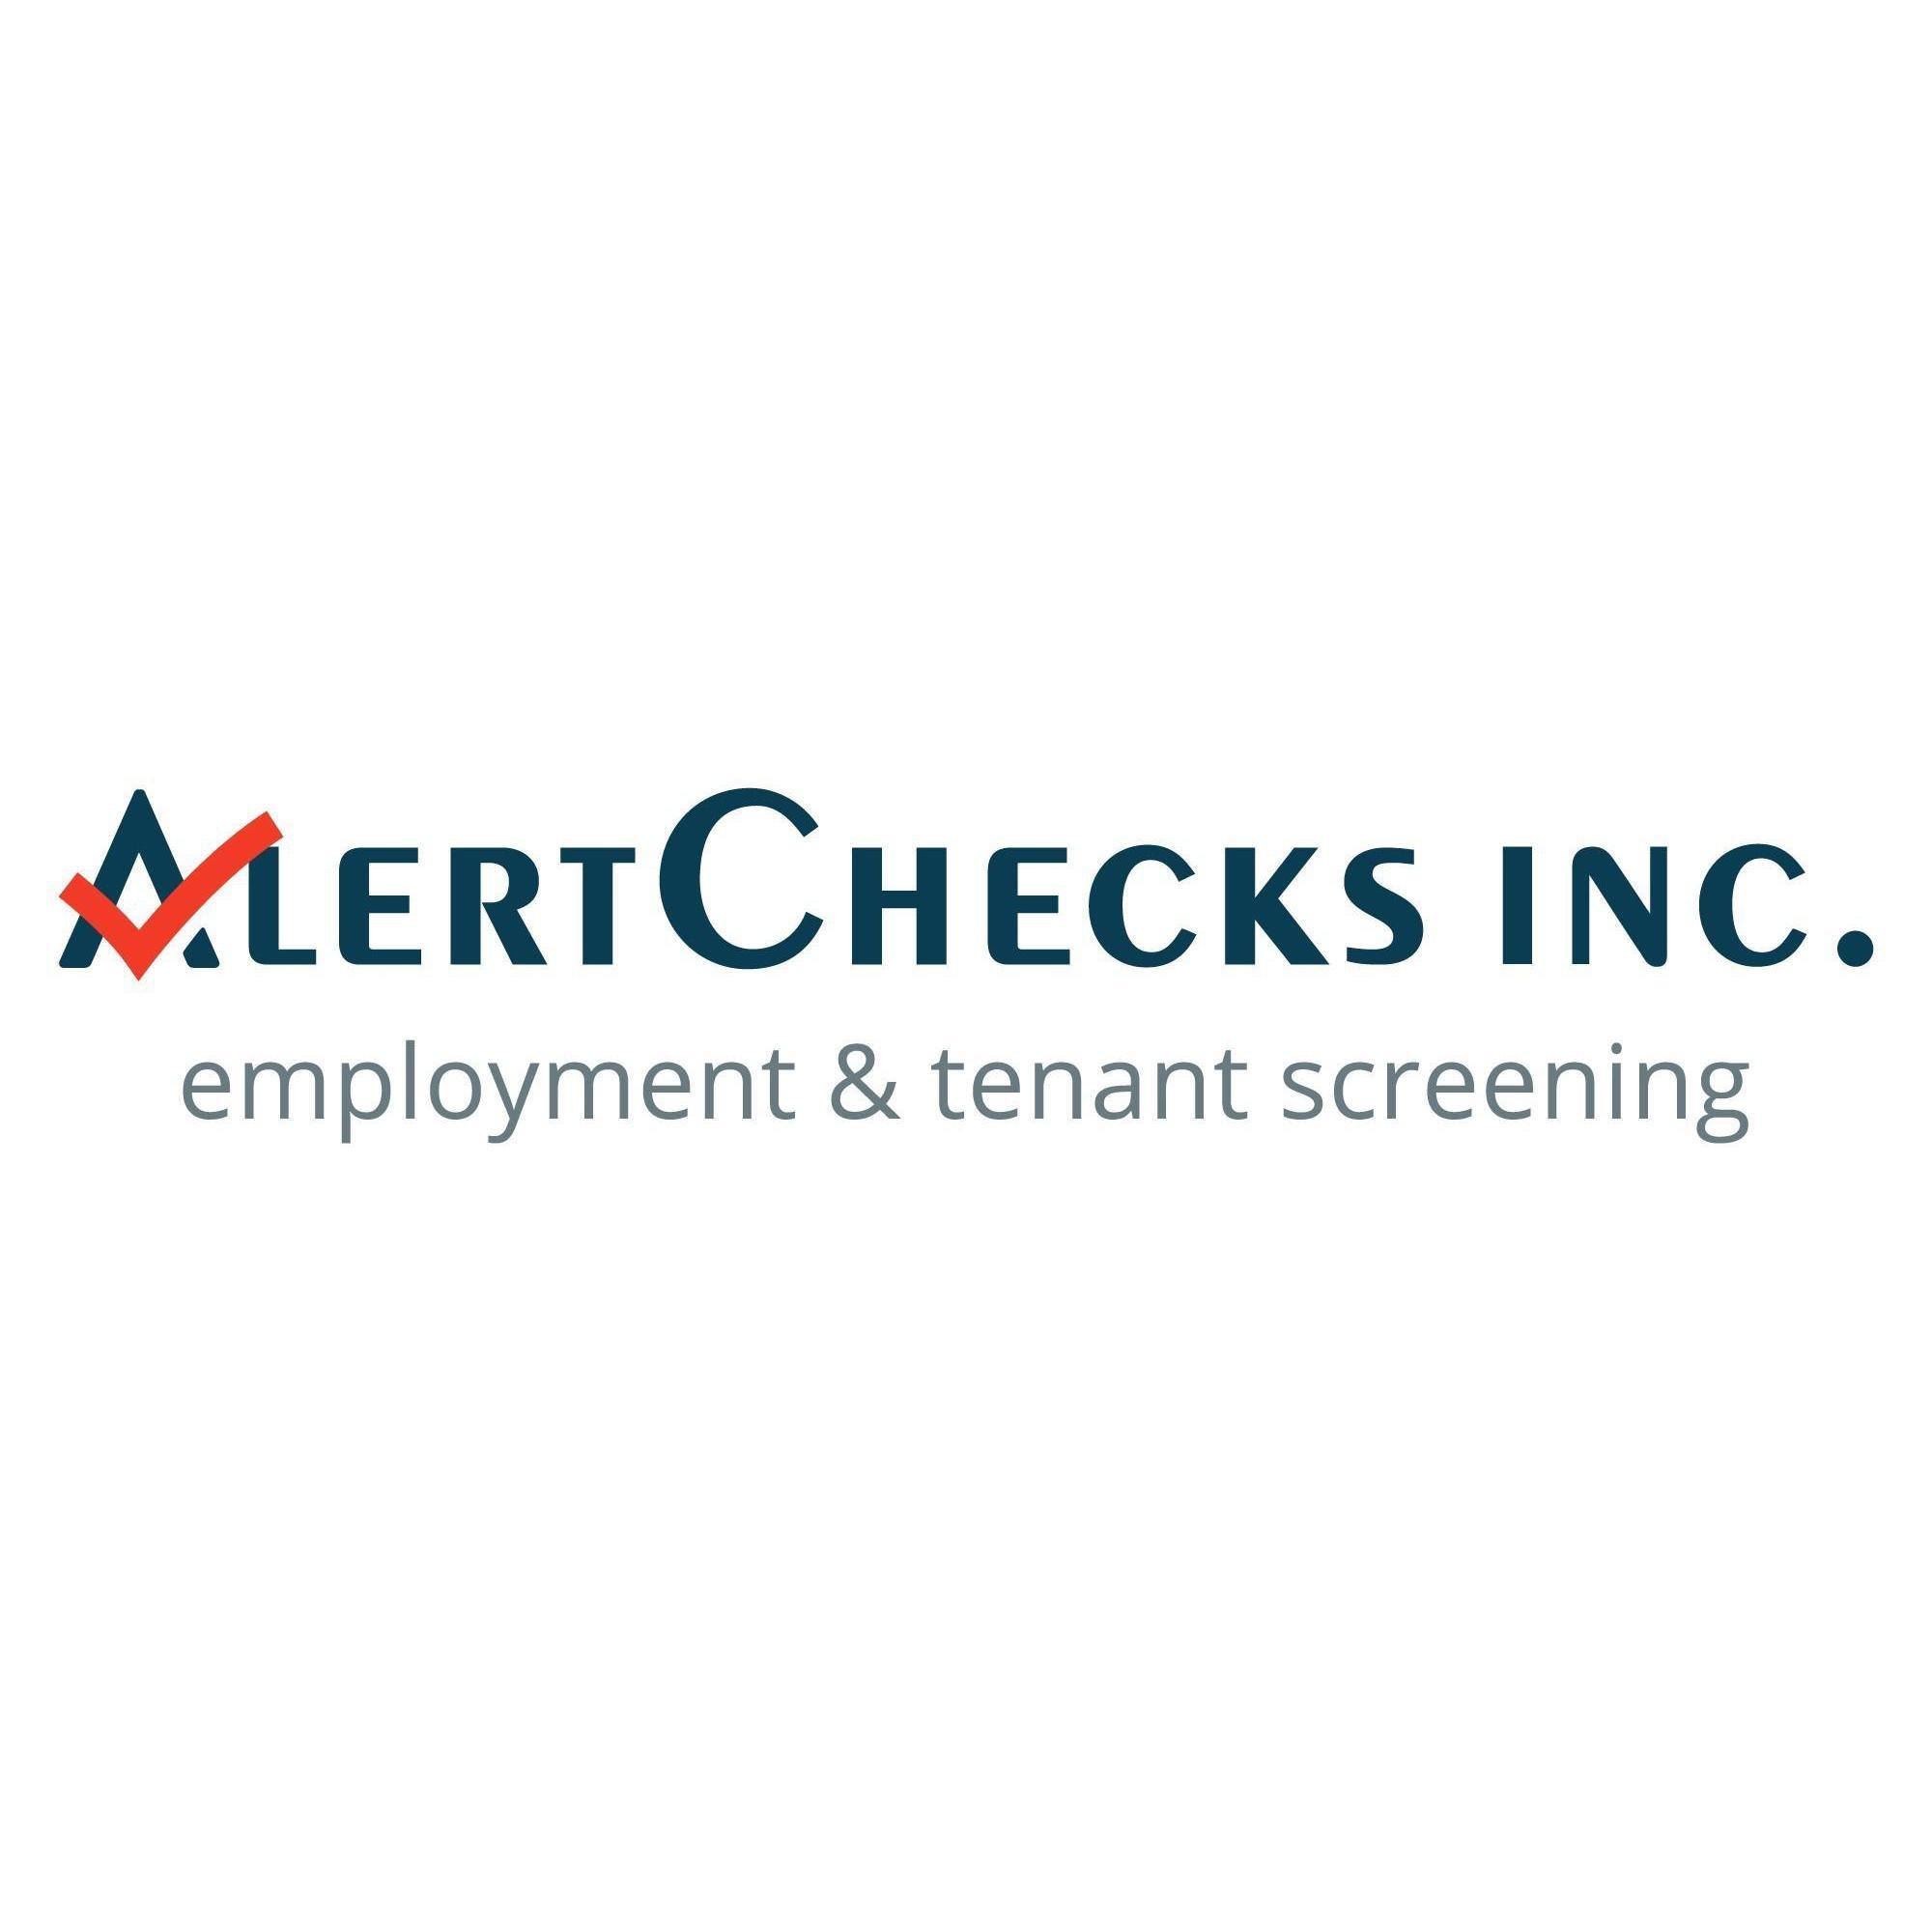 AlertChecks Inc. (ACI) - Casselberry, FL 32707 - (407)682-5378 | ShowMeLocal.com